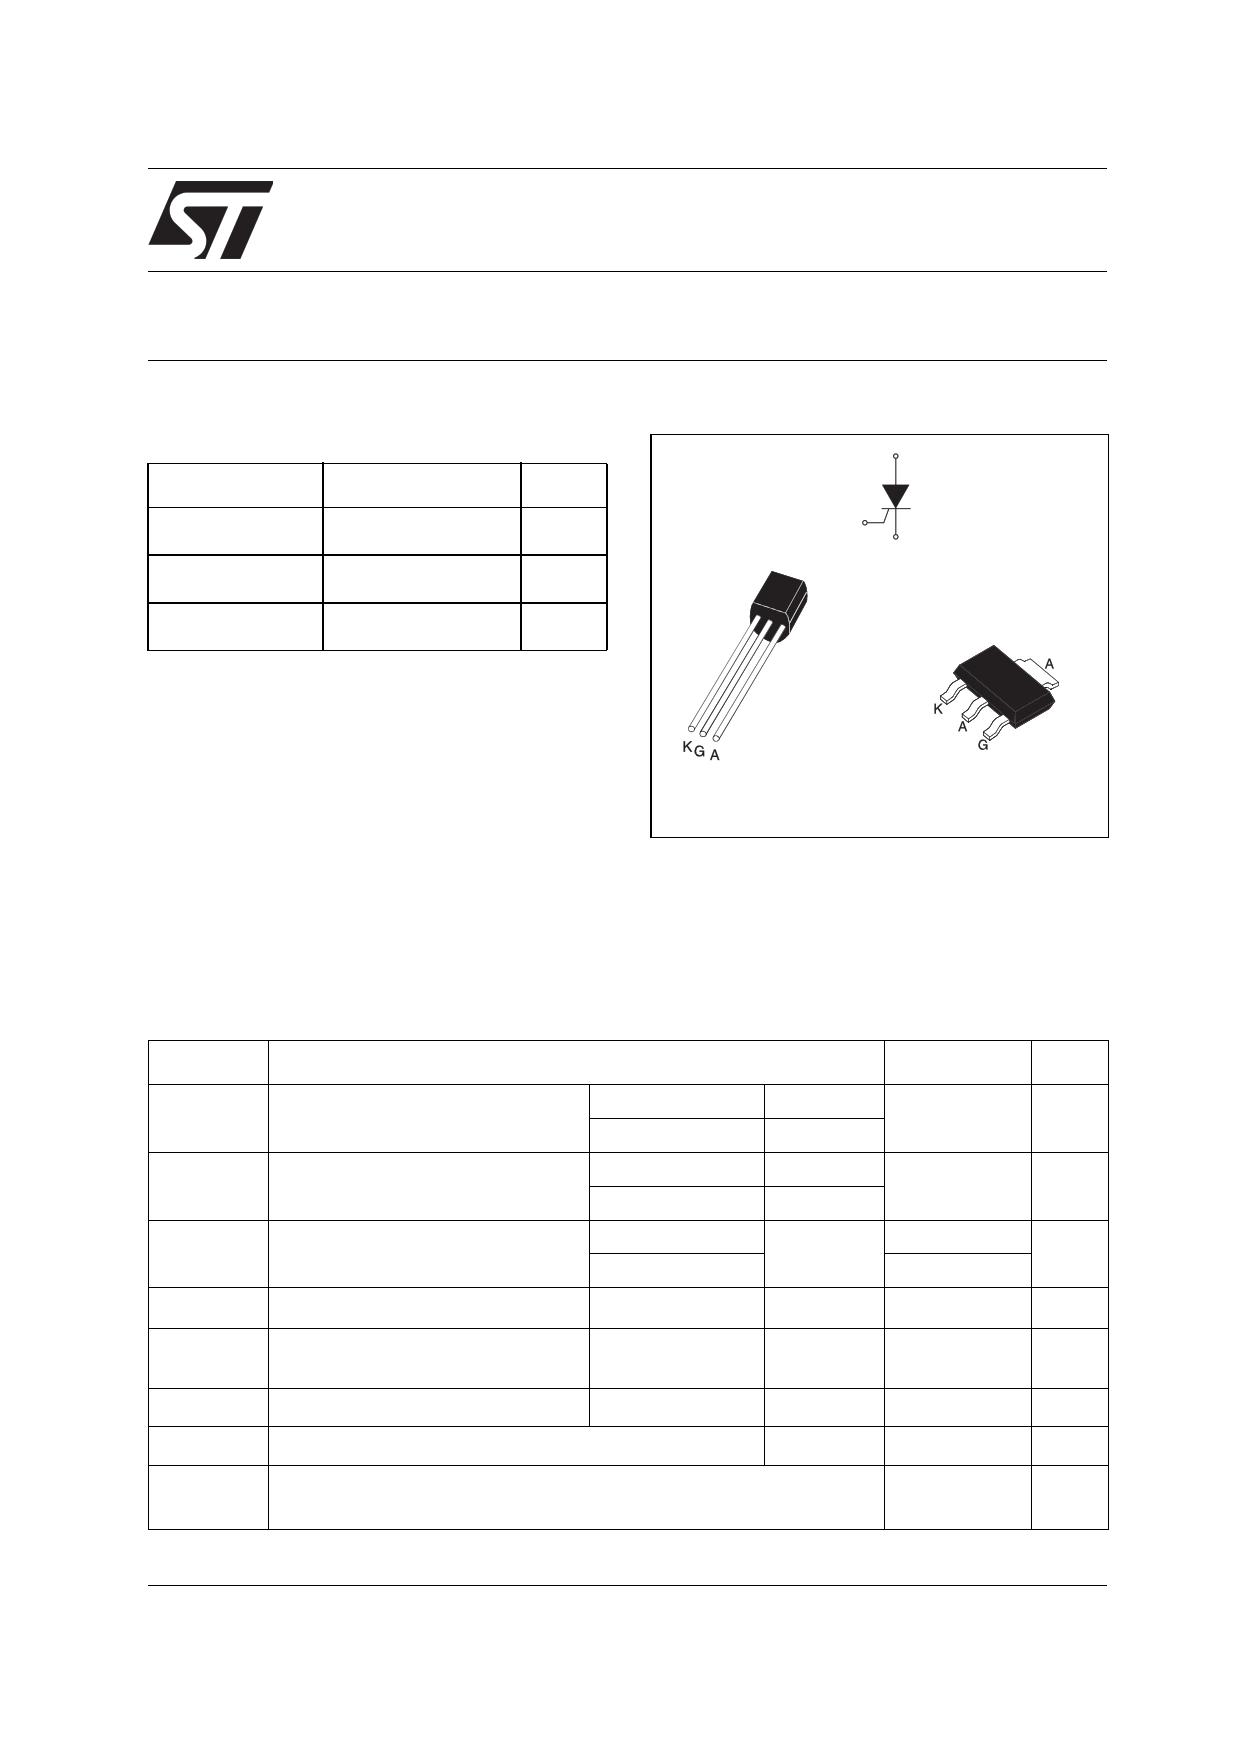 X0205MN2BL2 datasheet